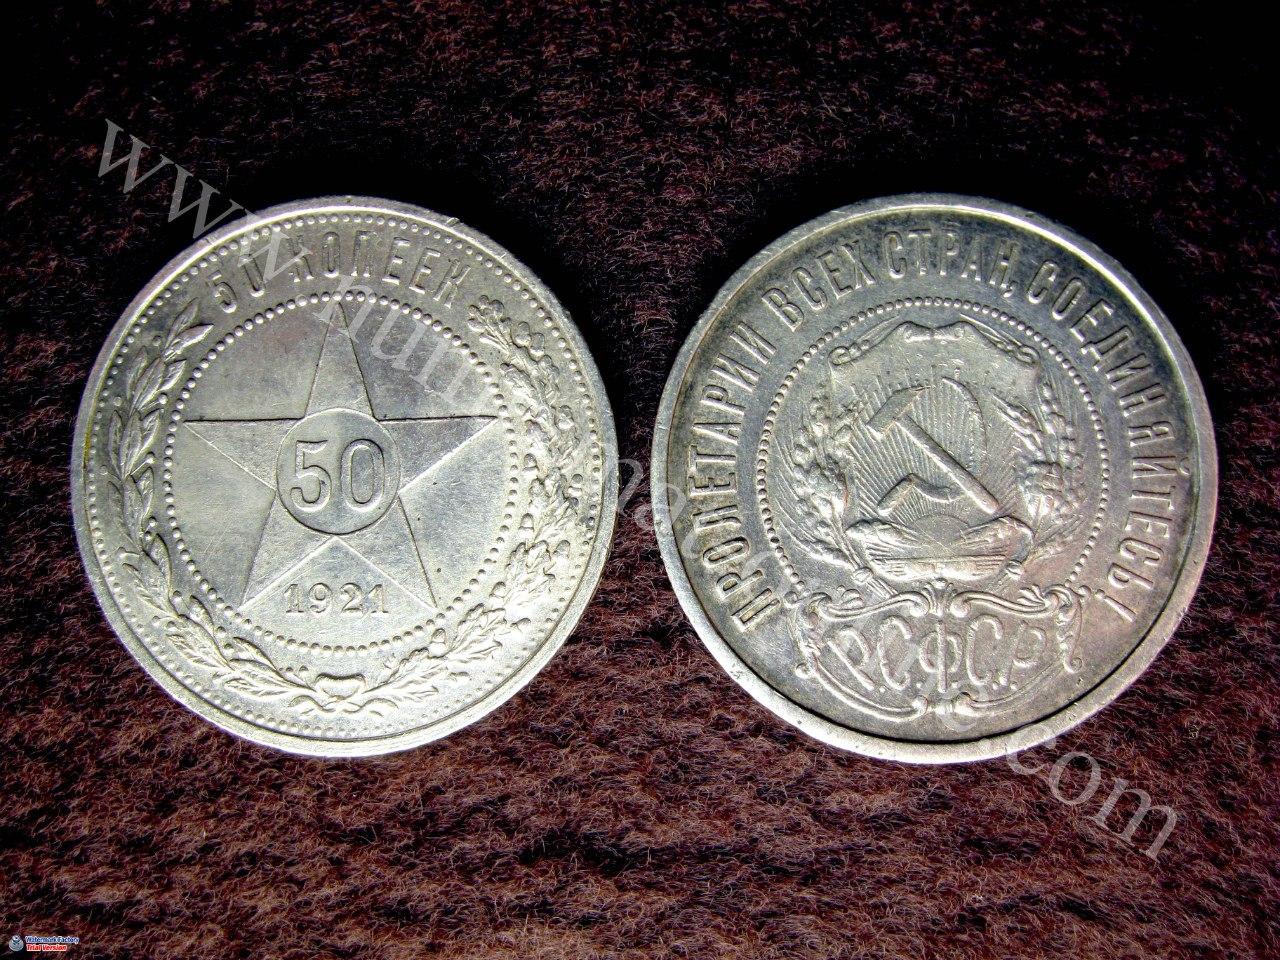 50 копеек 1921. Аверс и Реверс. Серебро РСФСР